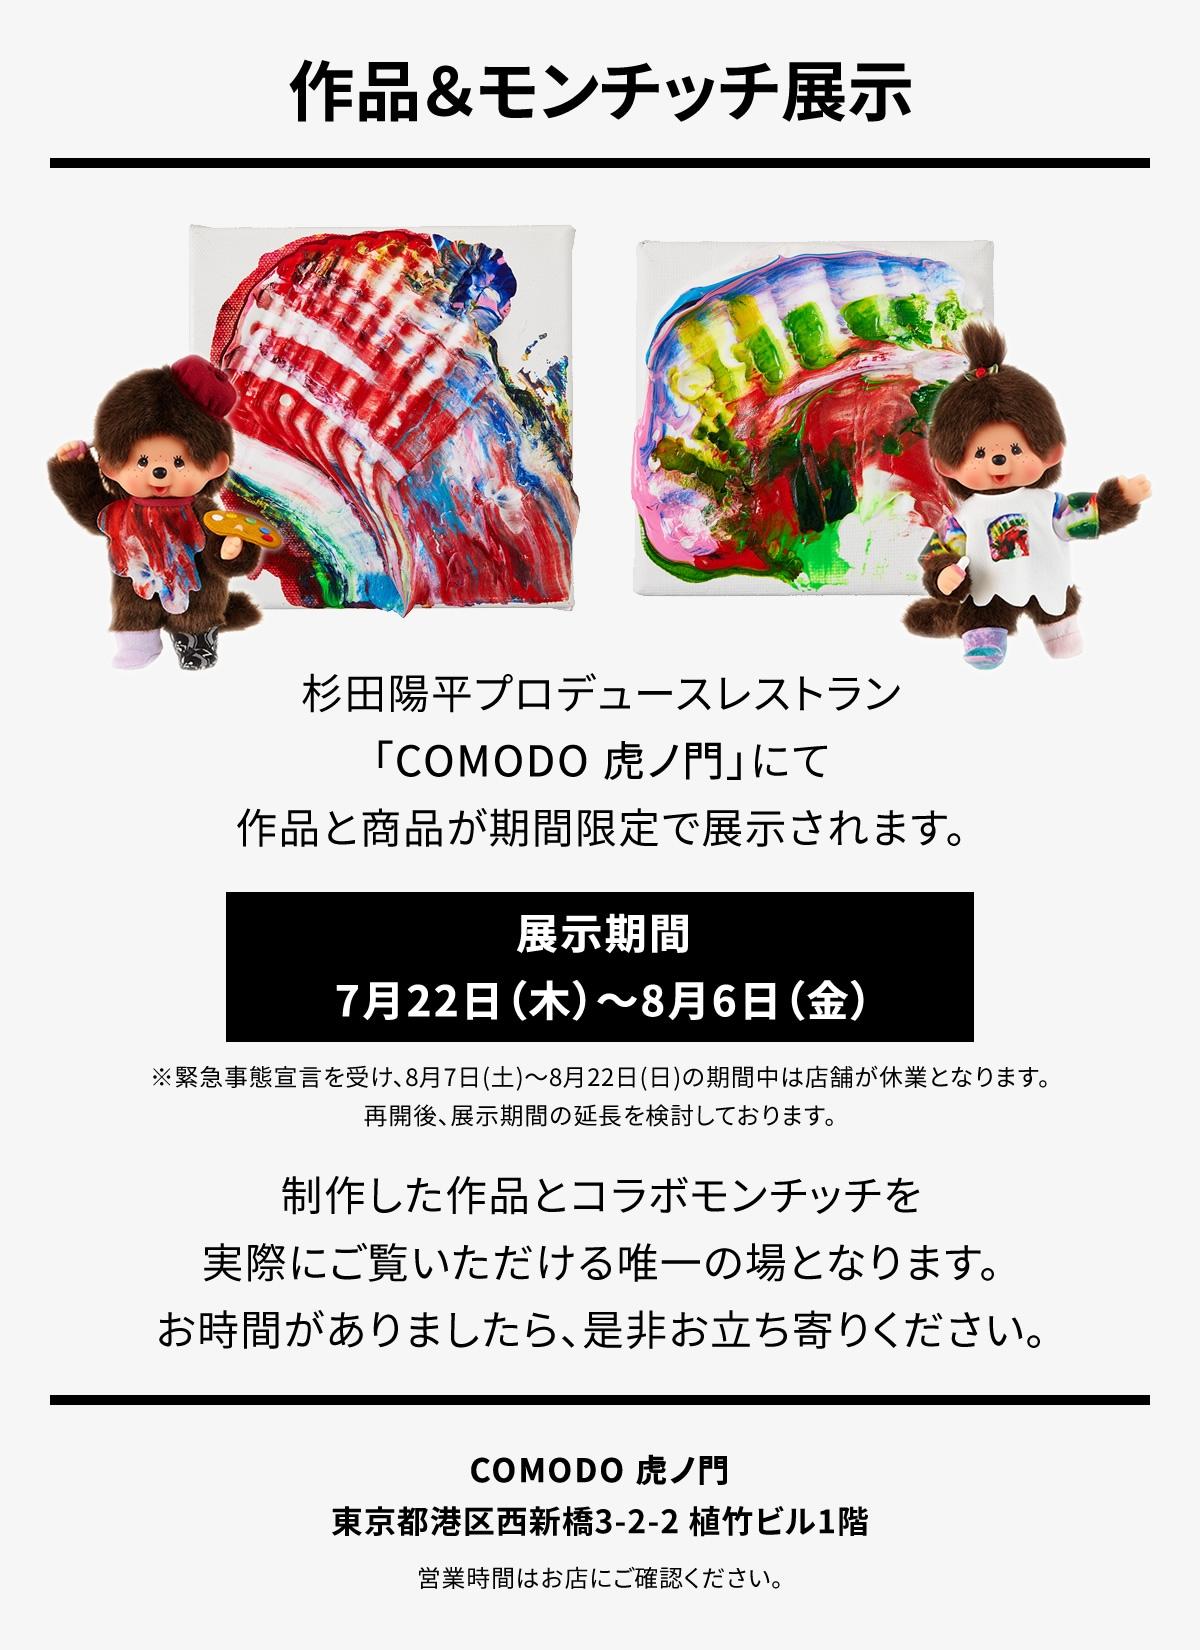 杉田陽平×モンチッチ 作品&モンチッチ展示  展示期間 7月22日(木)〜8月10日(火)